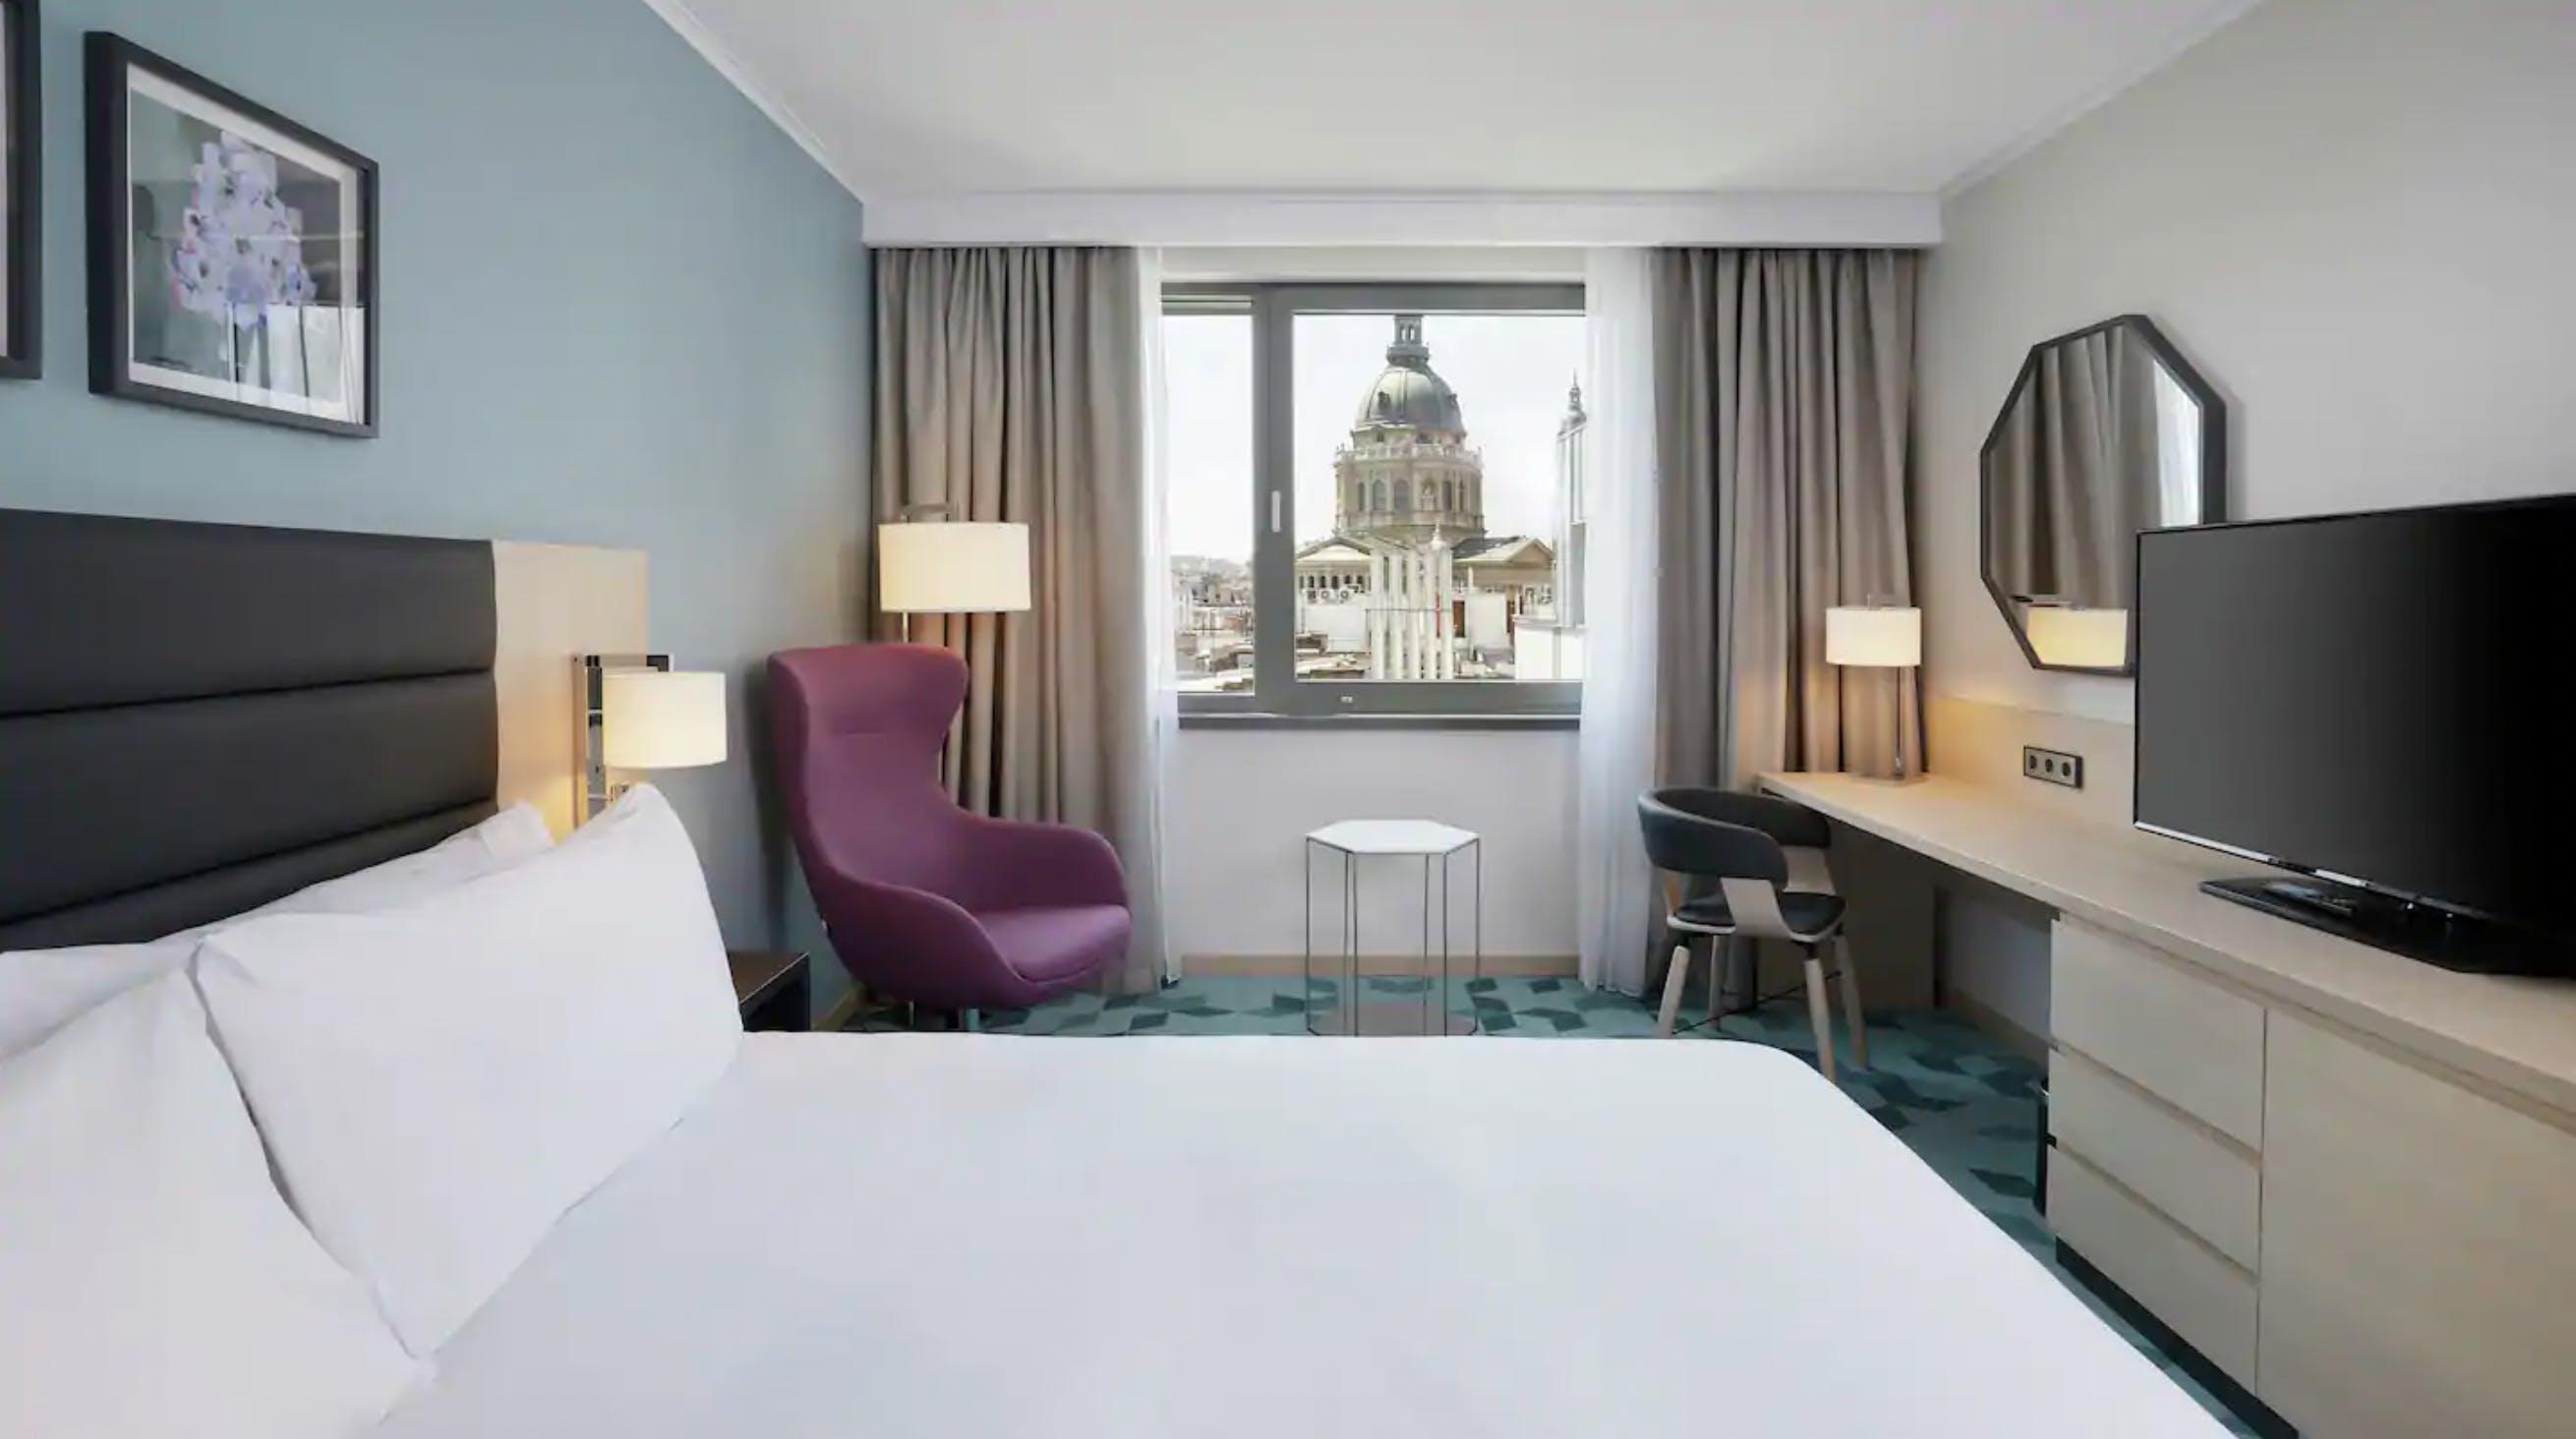 Hilton Garden Inn Budapest City Centre bedroom